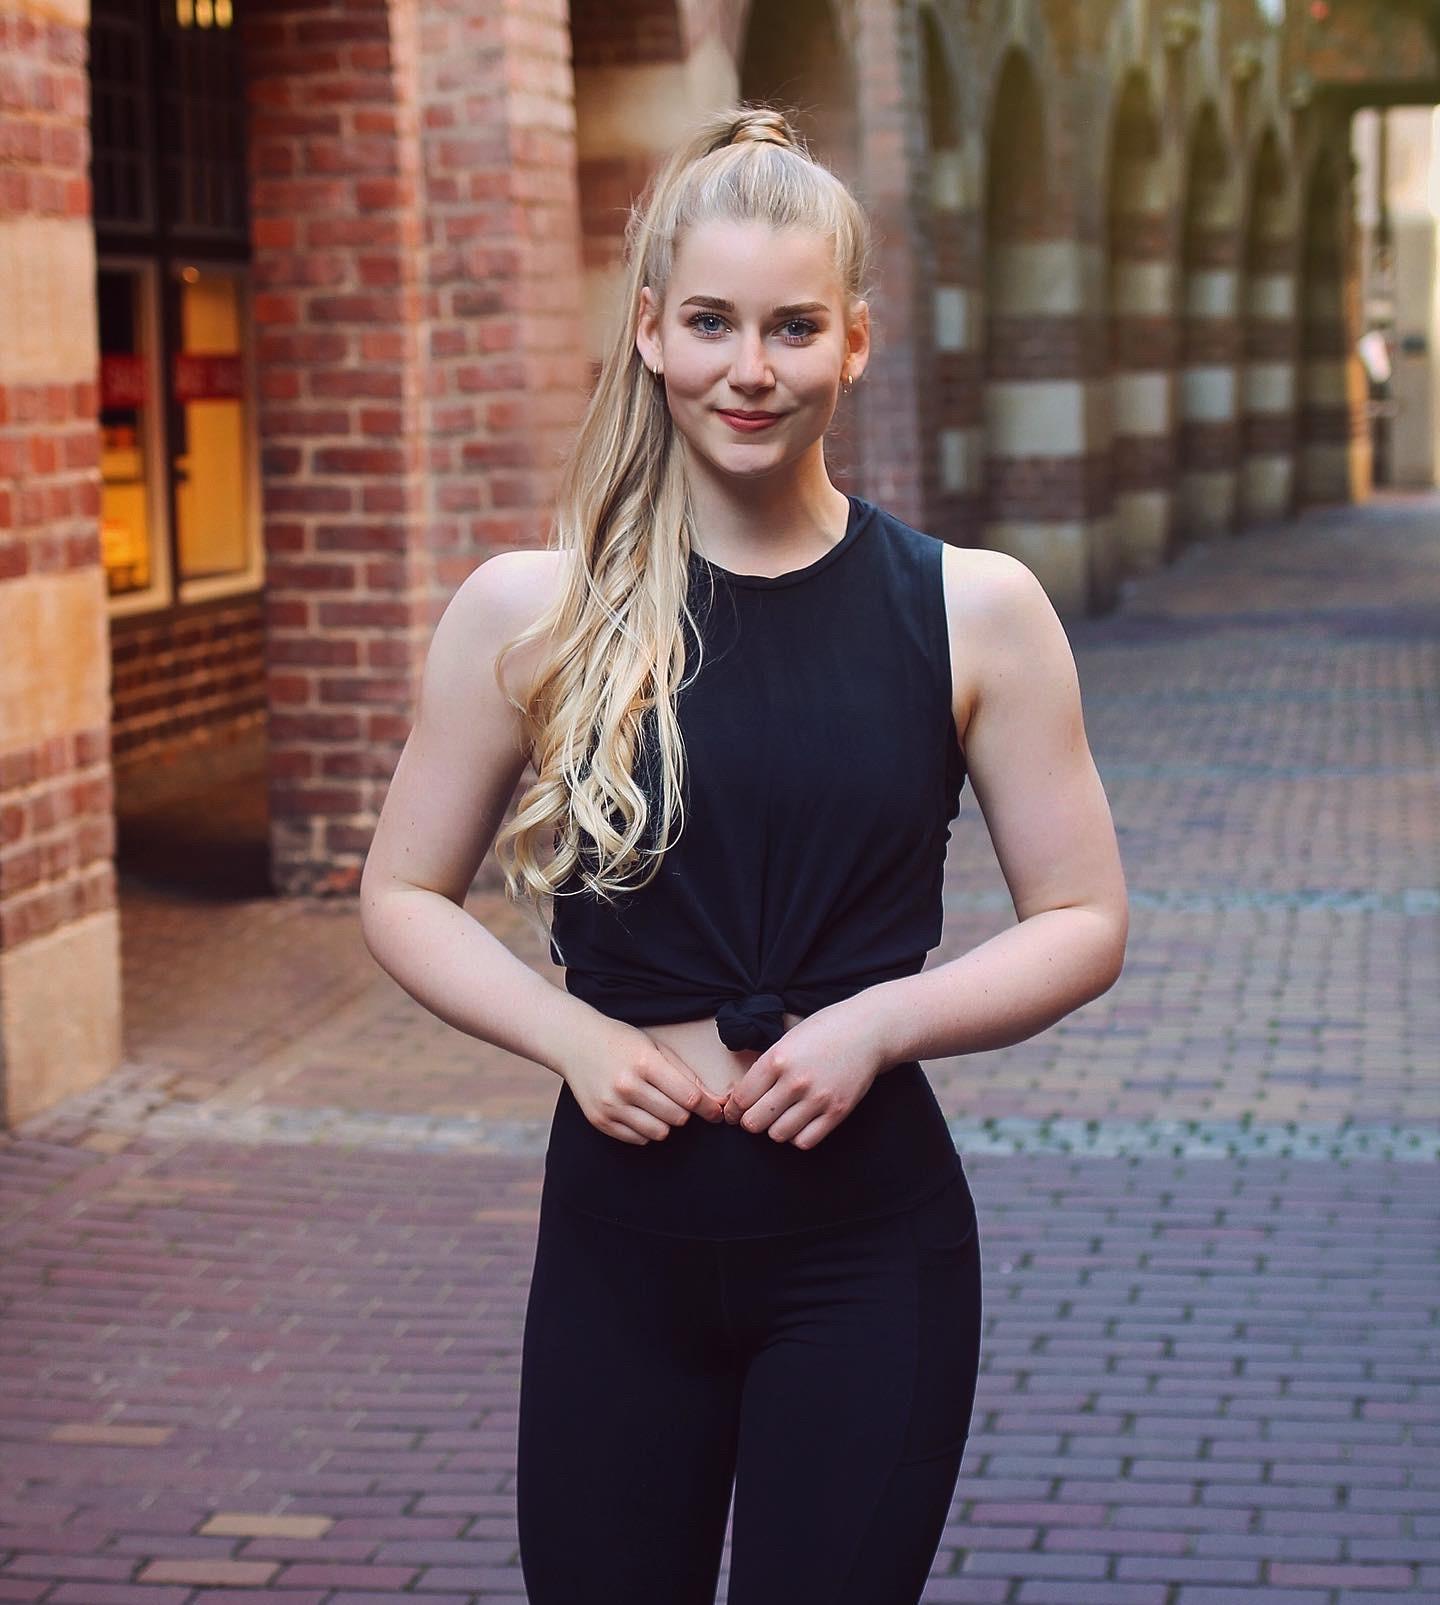 benita in einem schwarzem sportoutfit, in der bremer stadt